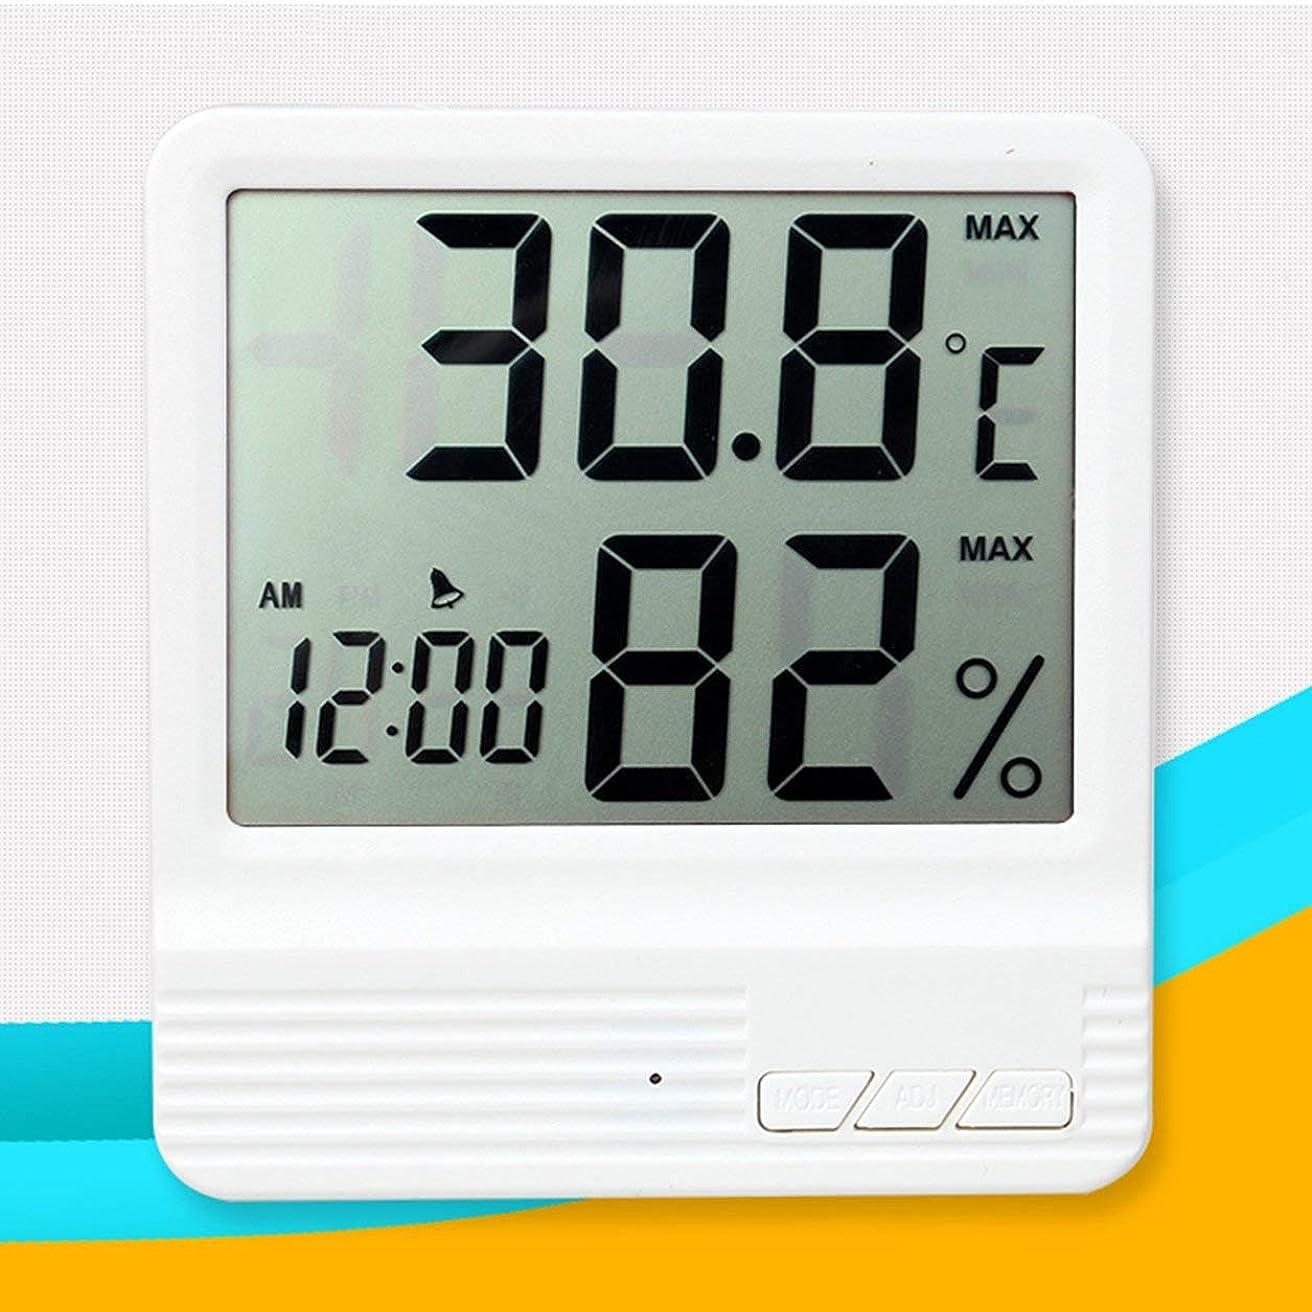 スコットランド人流すベスビオ山Saikogoods 電子体温計湿度計 デジタルディスプレイ 温度湿度モニター アラーム時計 屋内家庭用 白